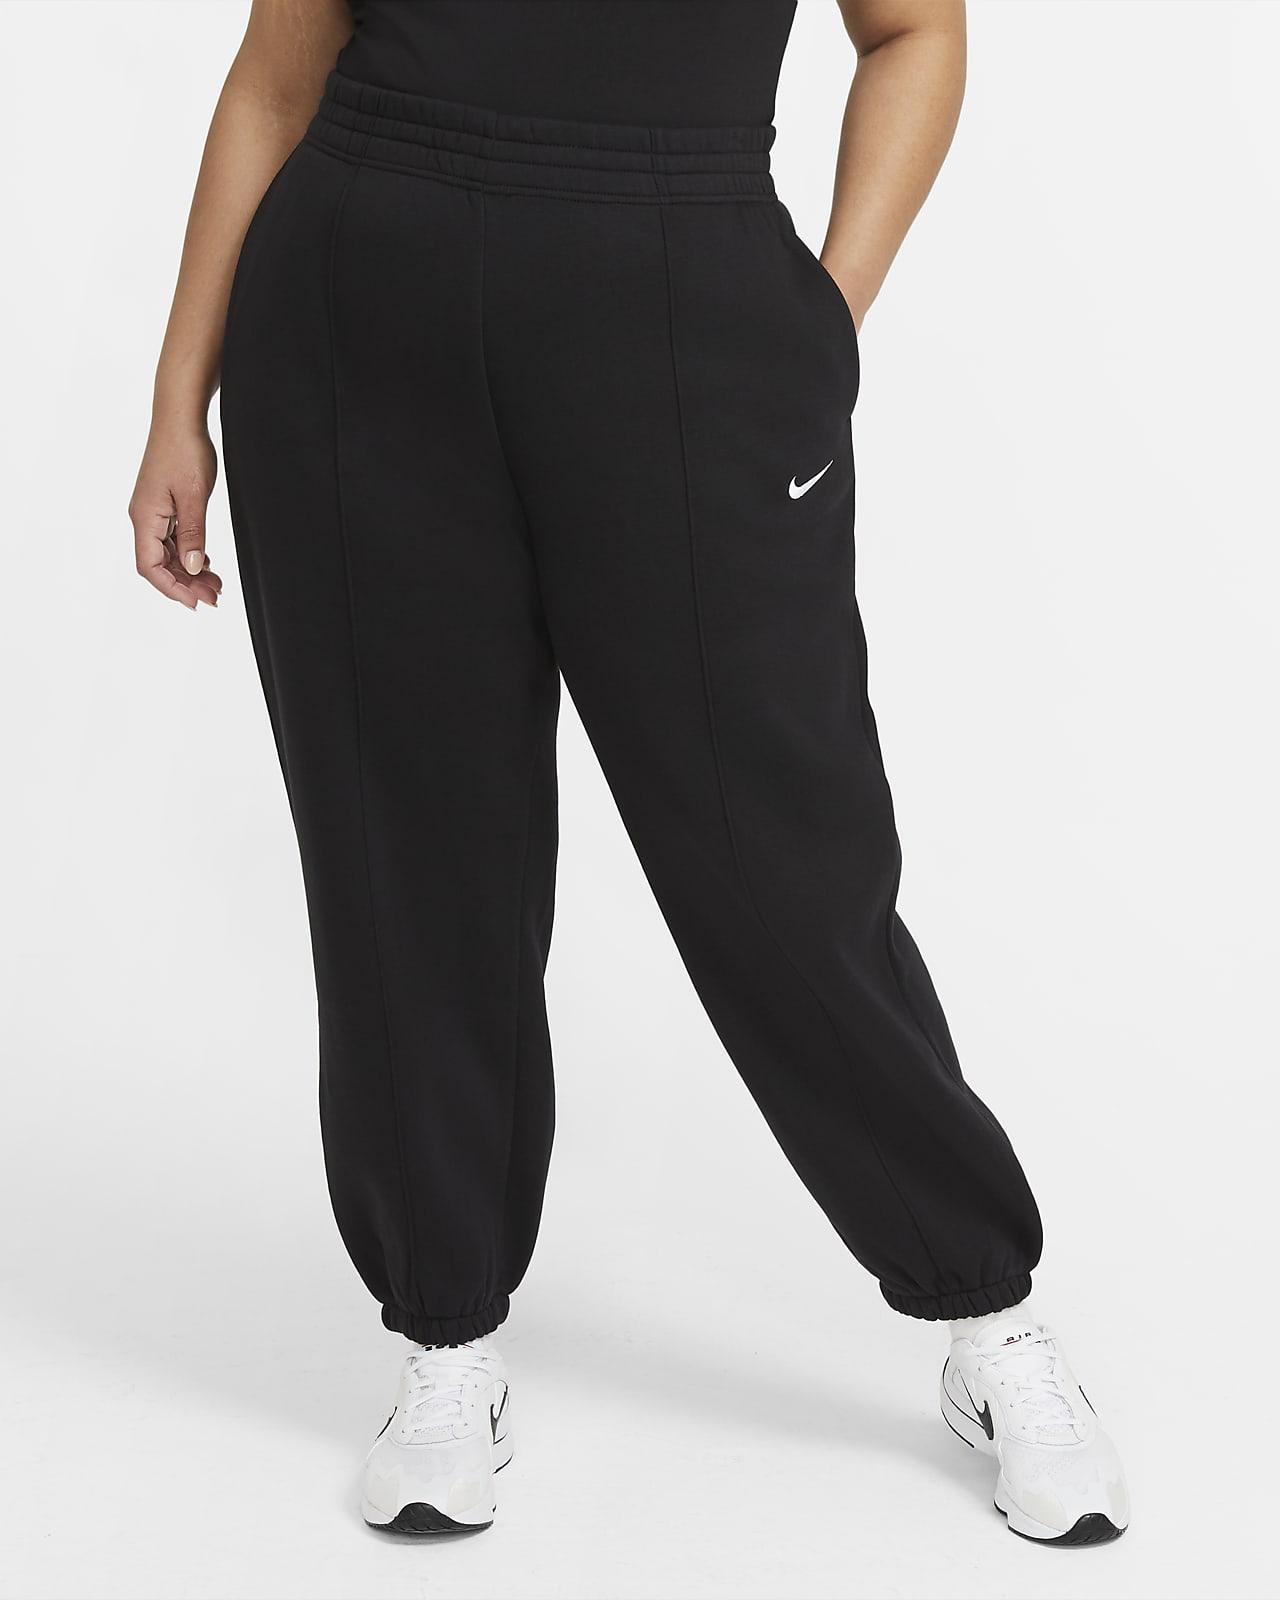 Nike Sportswear Trend Women's Fleece Trousers (Plus Size)